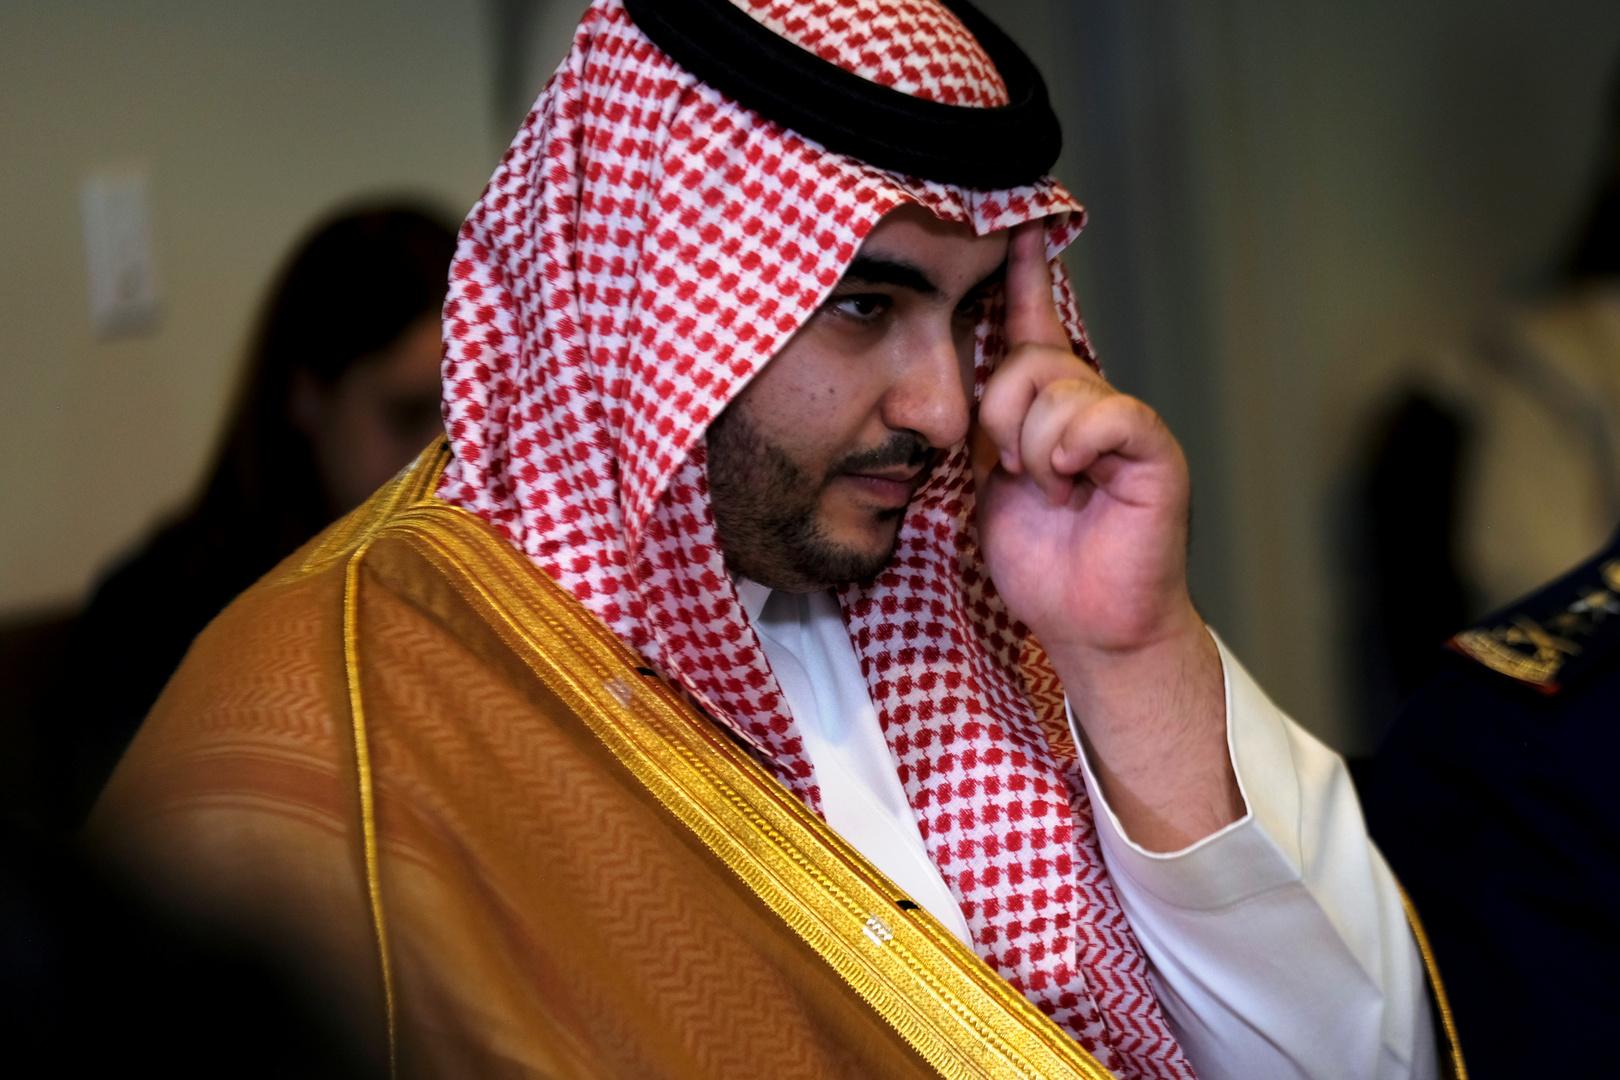 نائب وزير الدفاع  السعودي الأمير خالد بن سلمان: نسعى إلى سلام شامل ودائم في اليمن